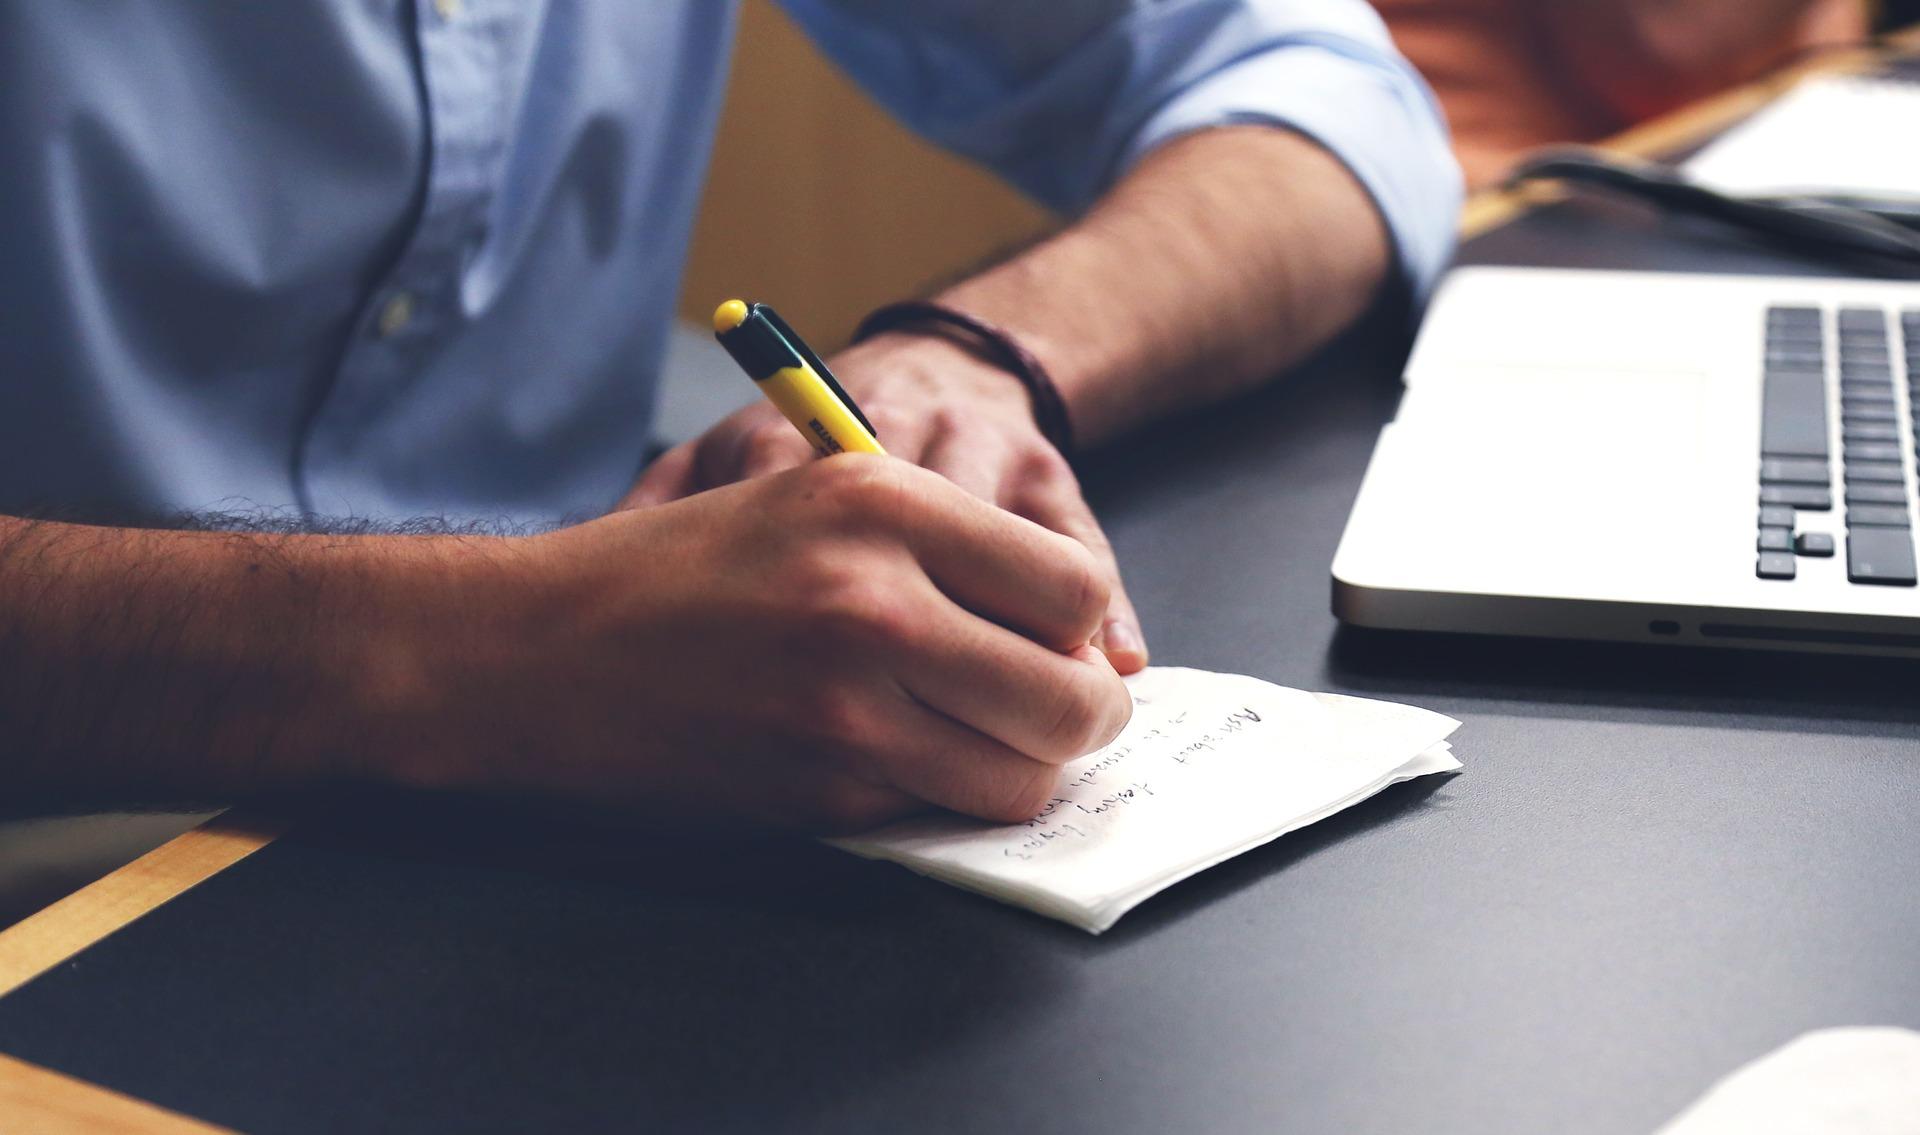 Mann schreibt am Arbeitsplatz